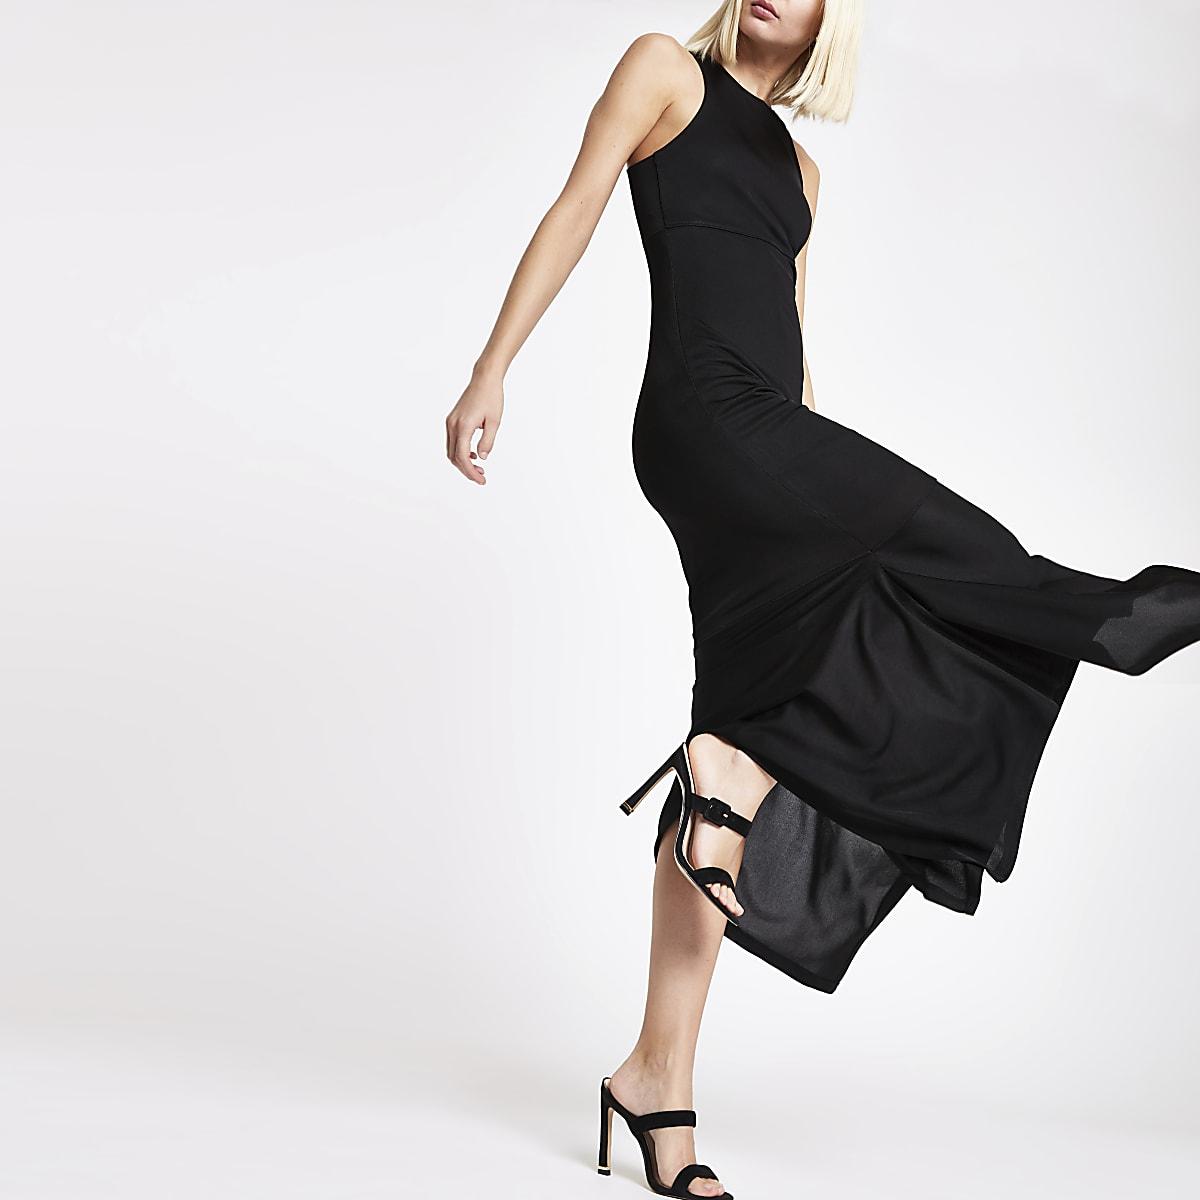 RI Sudio - Zwarte geribbeld jersey jurk met uitsnede